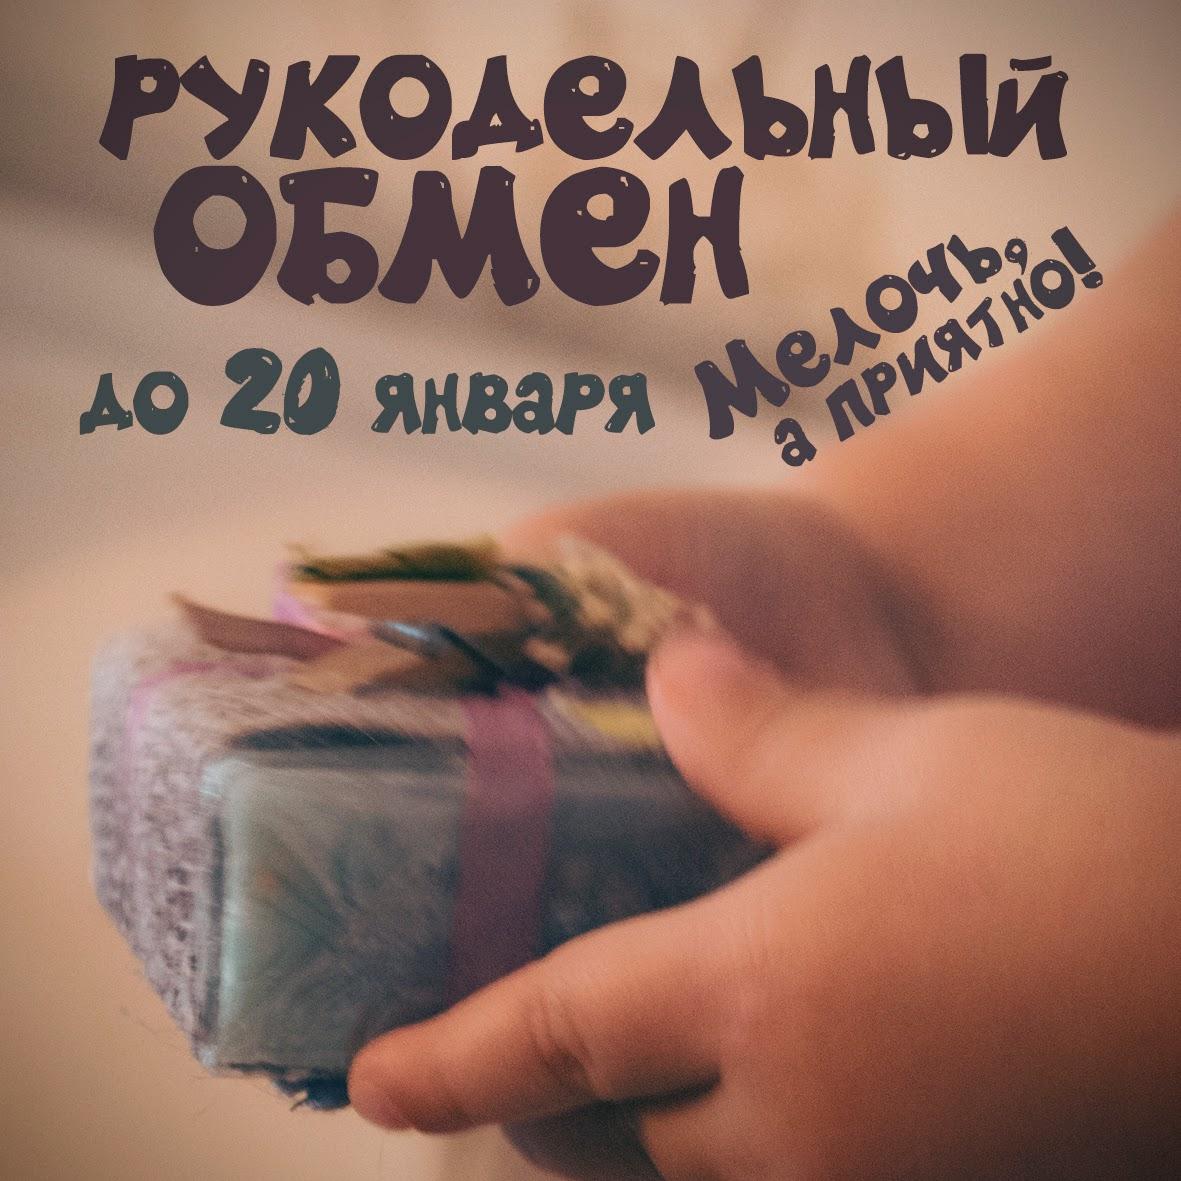 Рукодельный обмен))